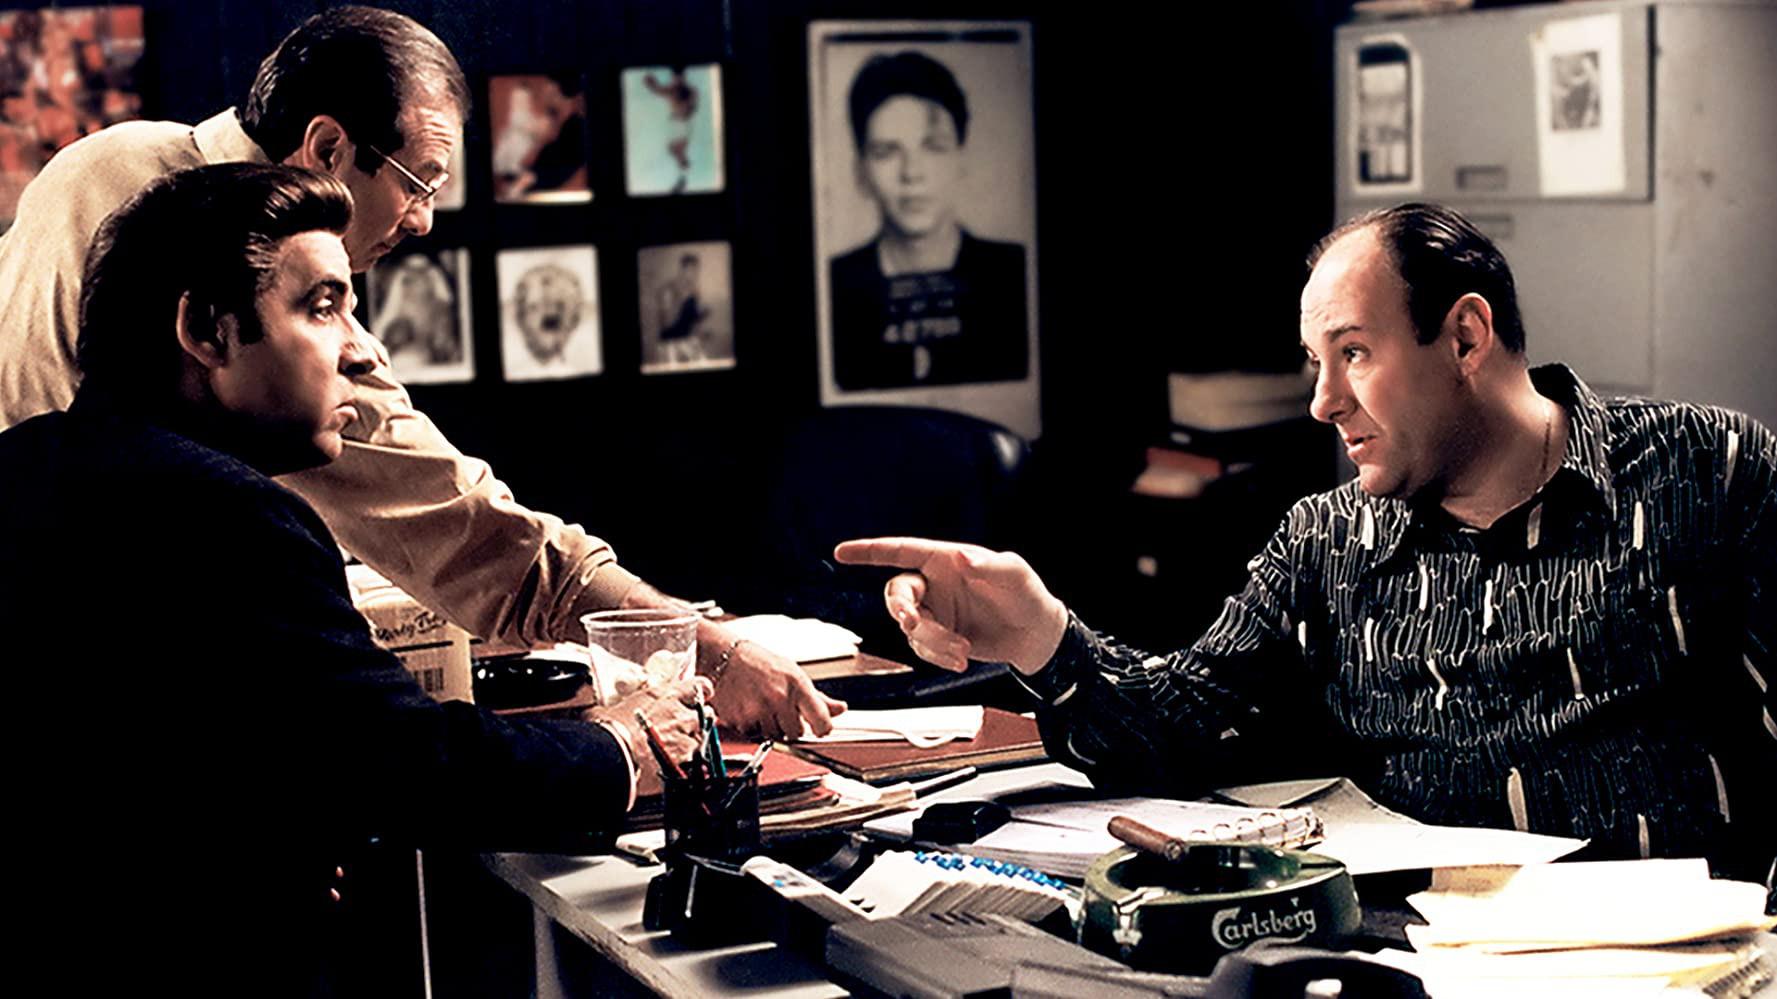 Tony Soprano's office